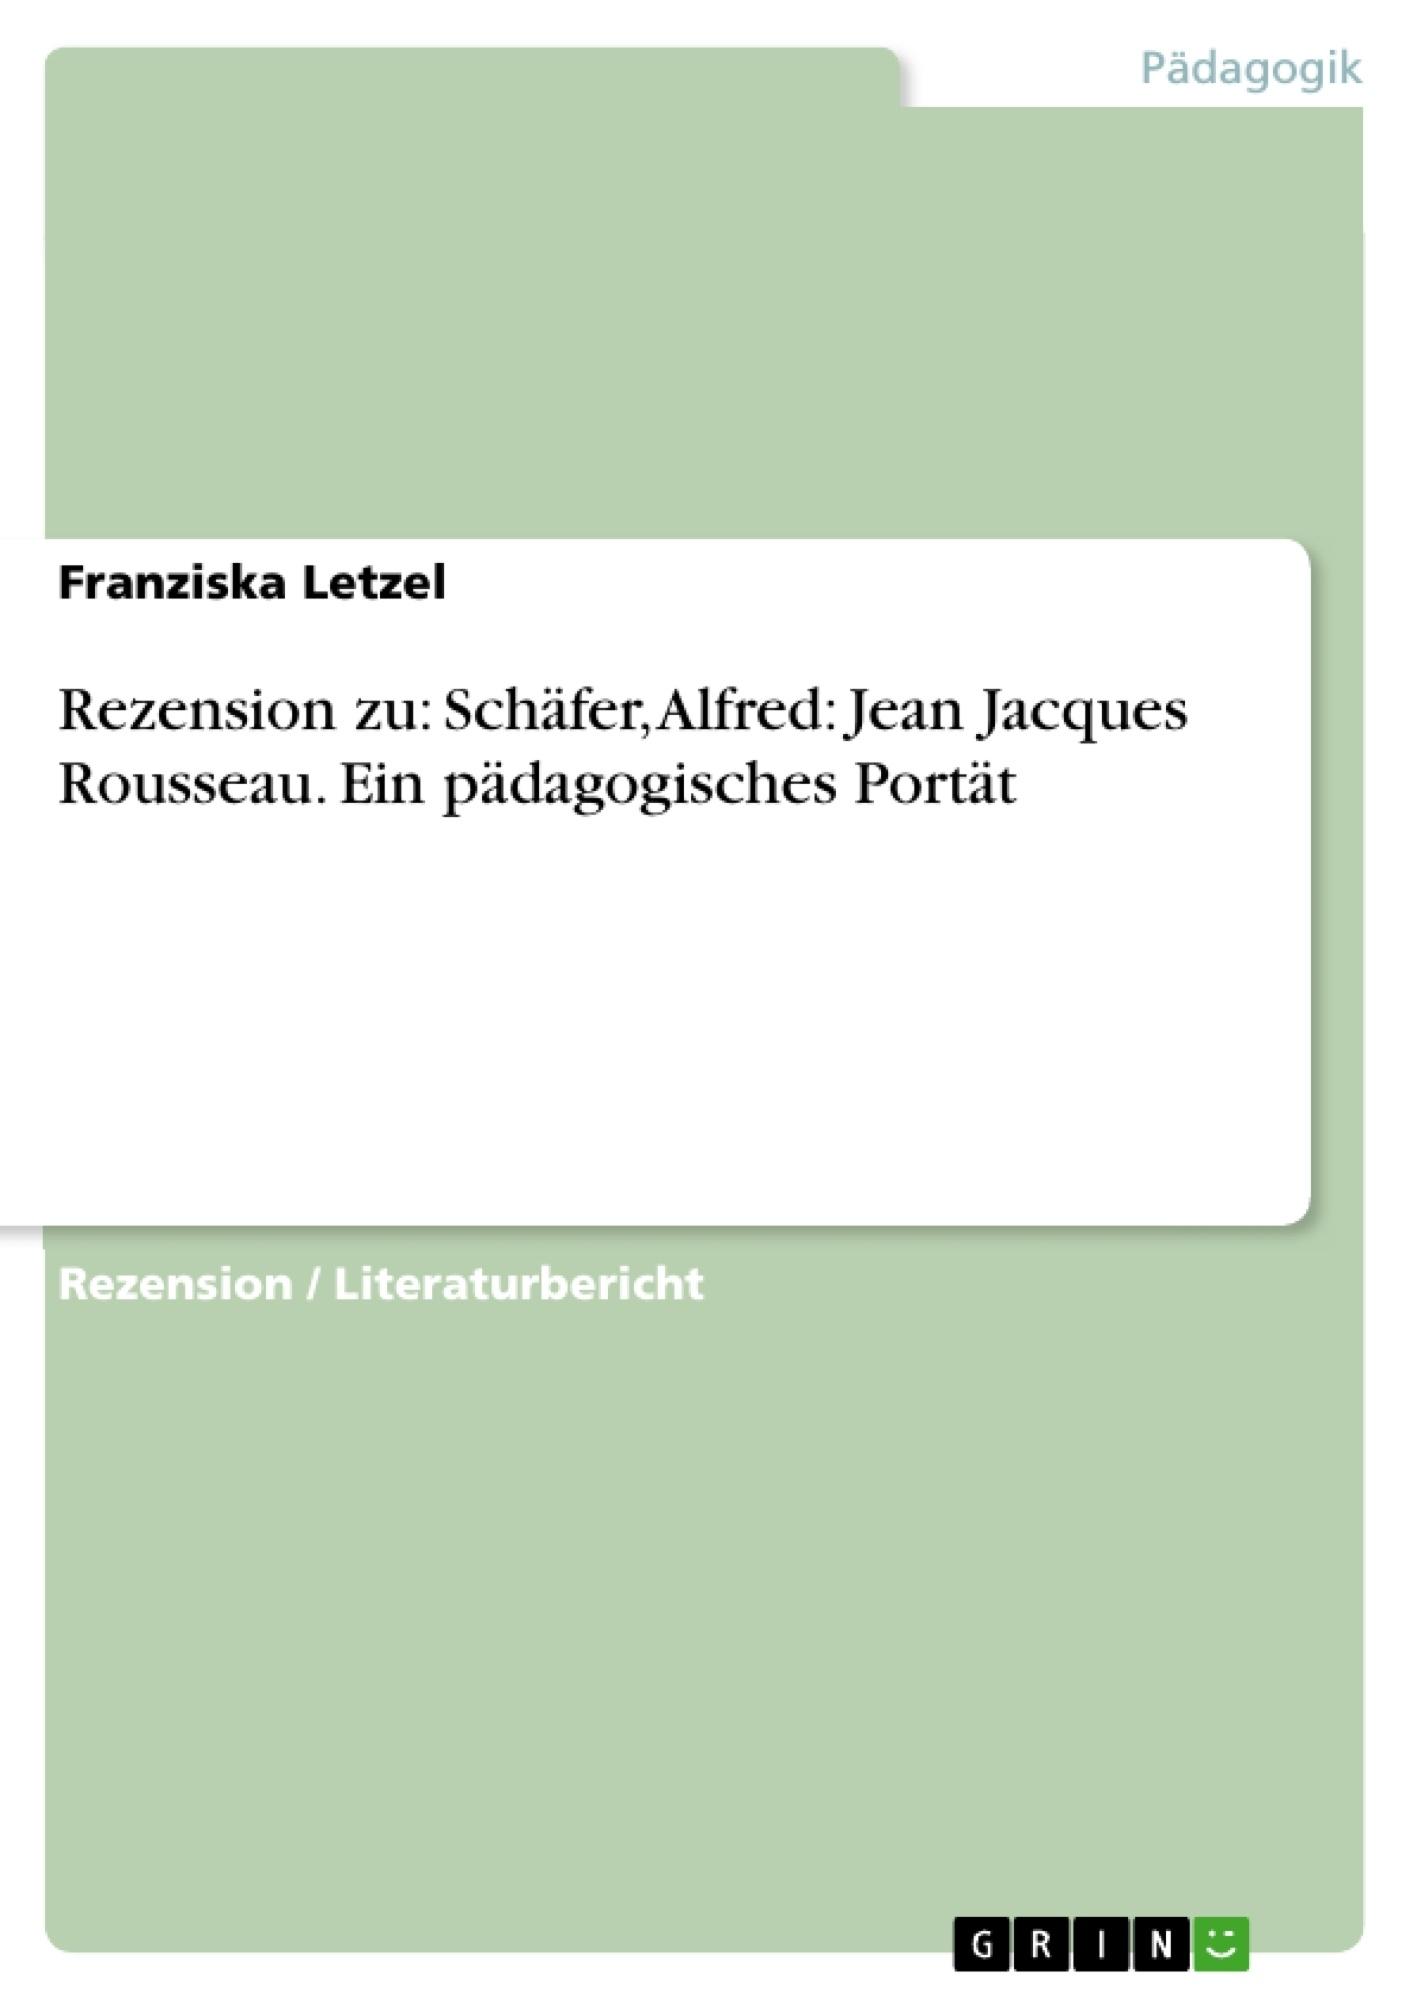 Titel: Rezension zu: Schäfer, Alfred: Jean Jacques Rousseau. Ein pädagogisches Portät